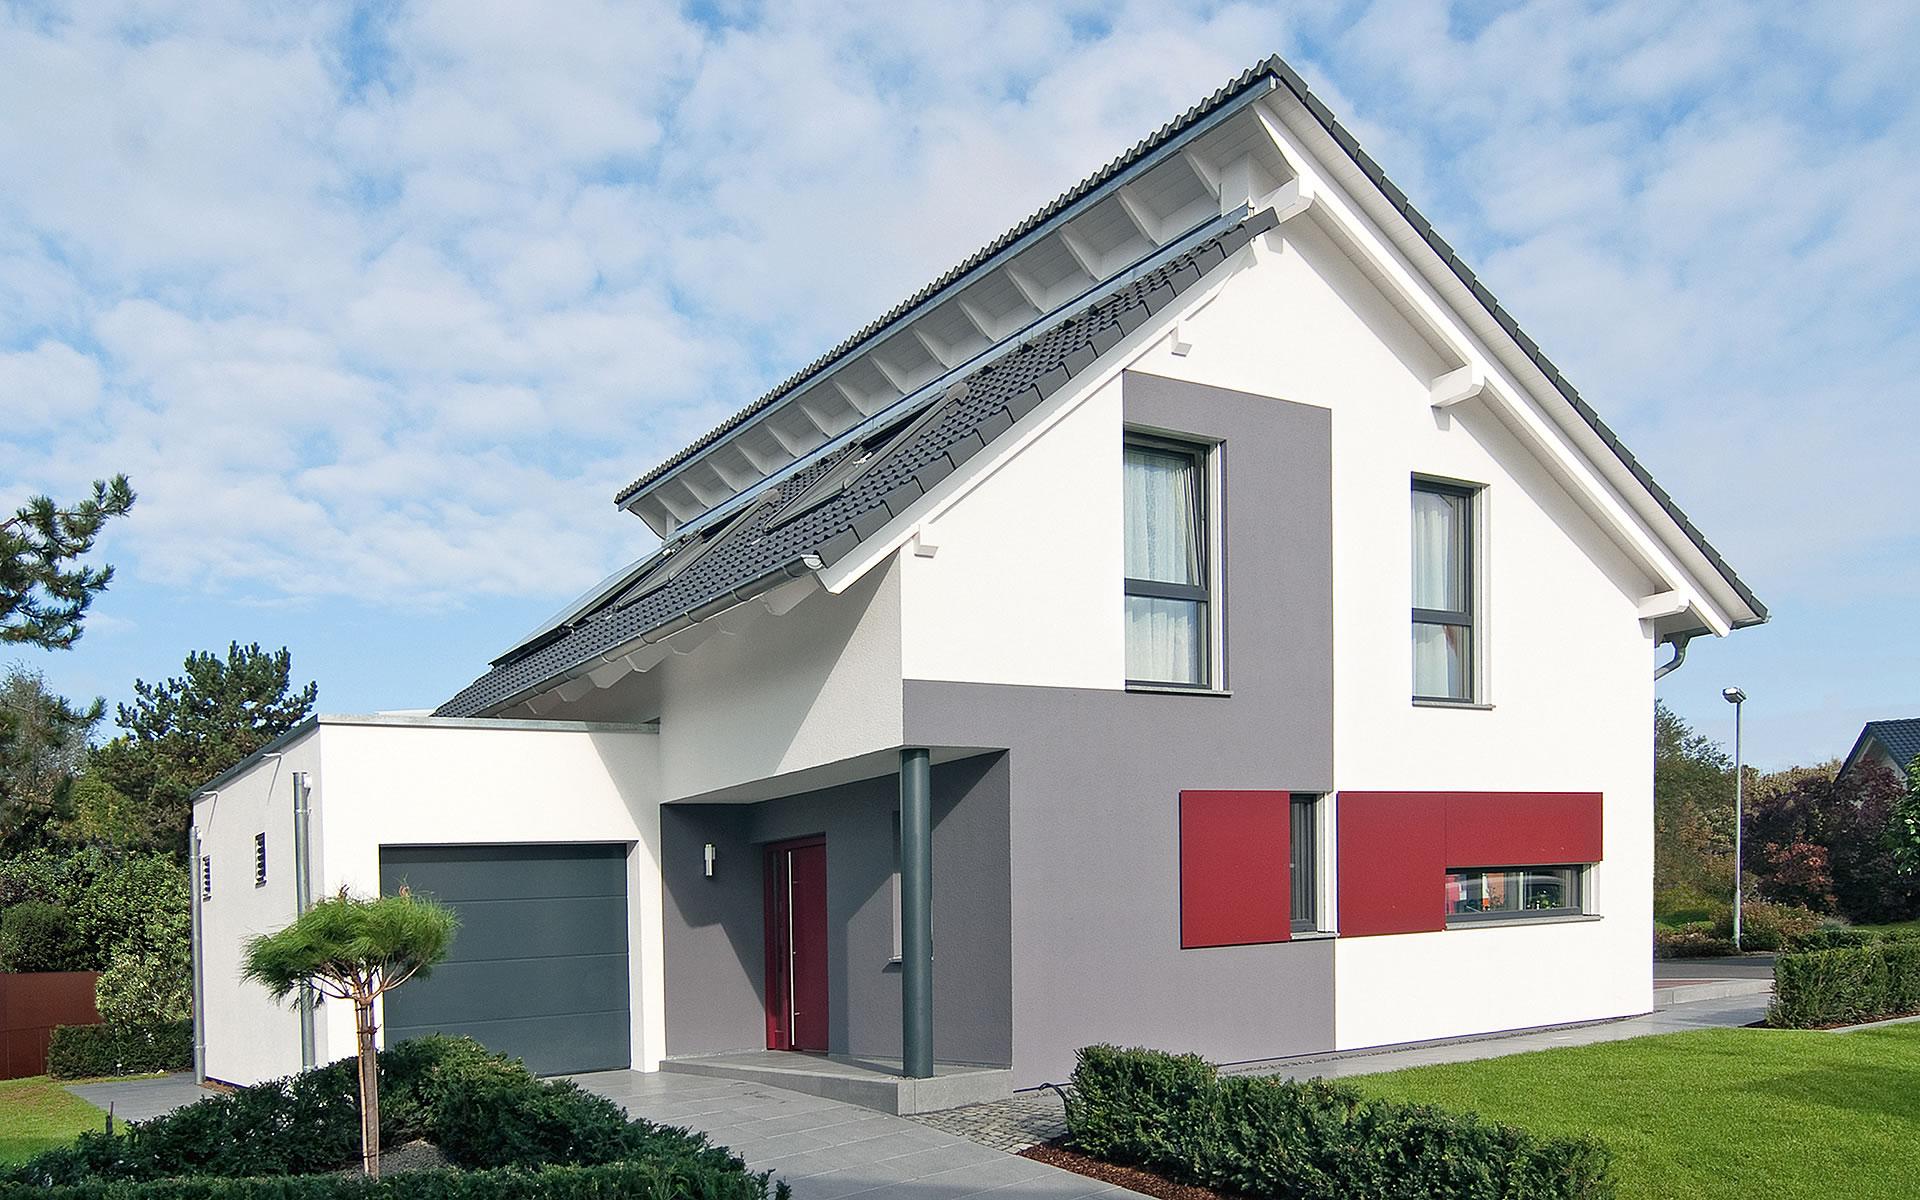 Musterhaus Bad Vilbel (generation 5.5) von WeberHaus GmbH & Co. KG